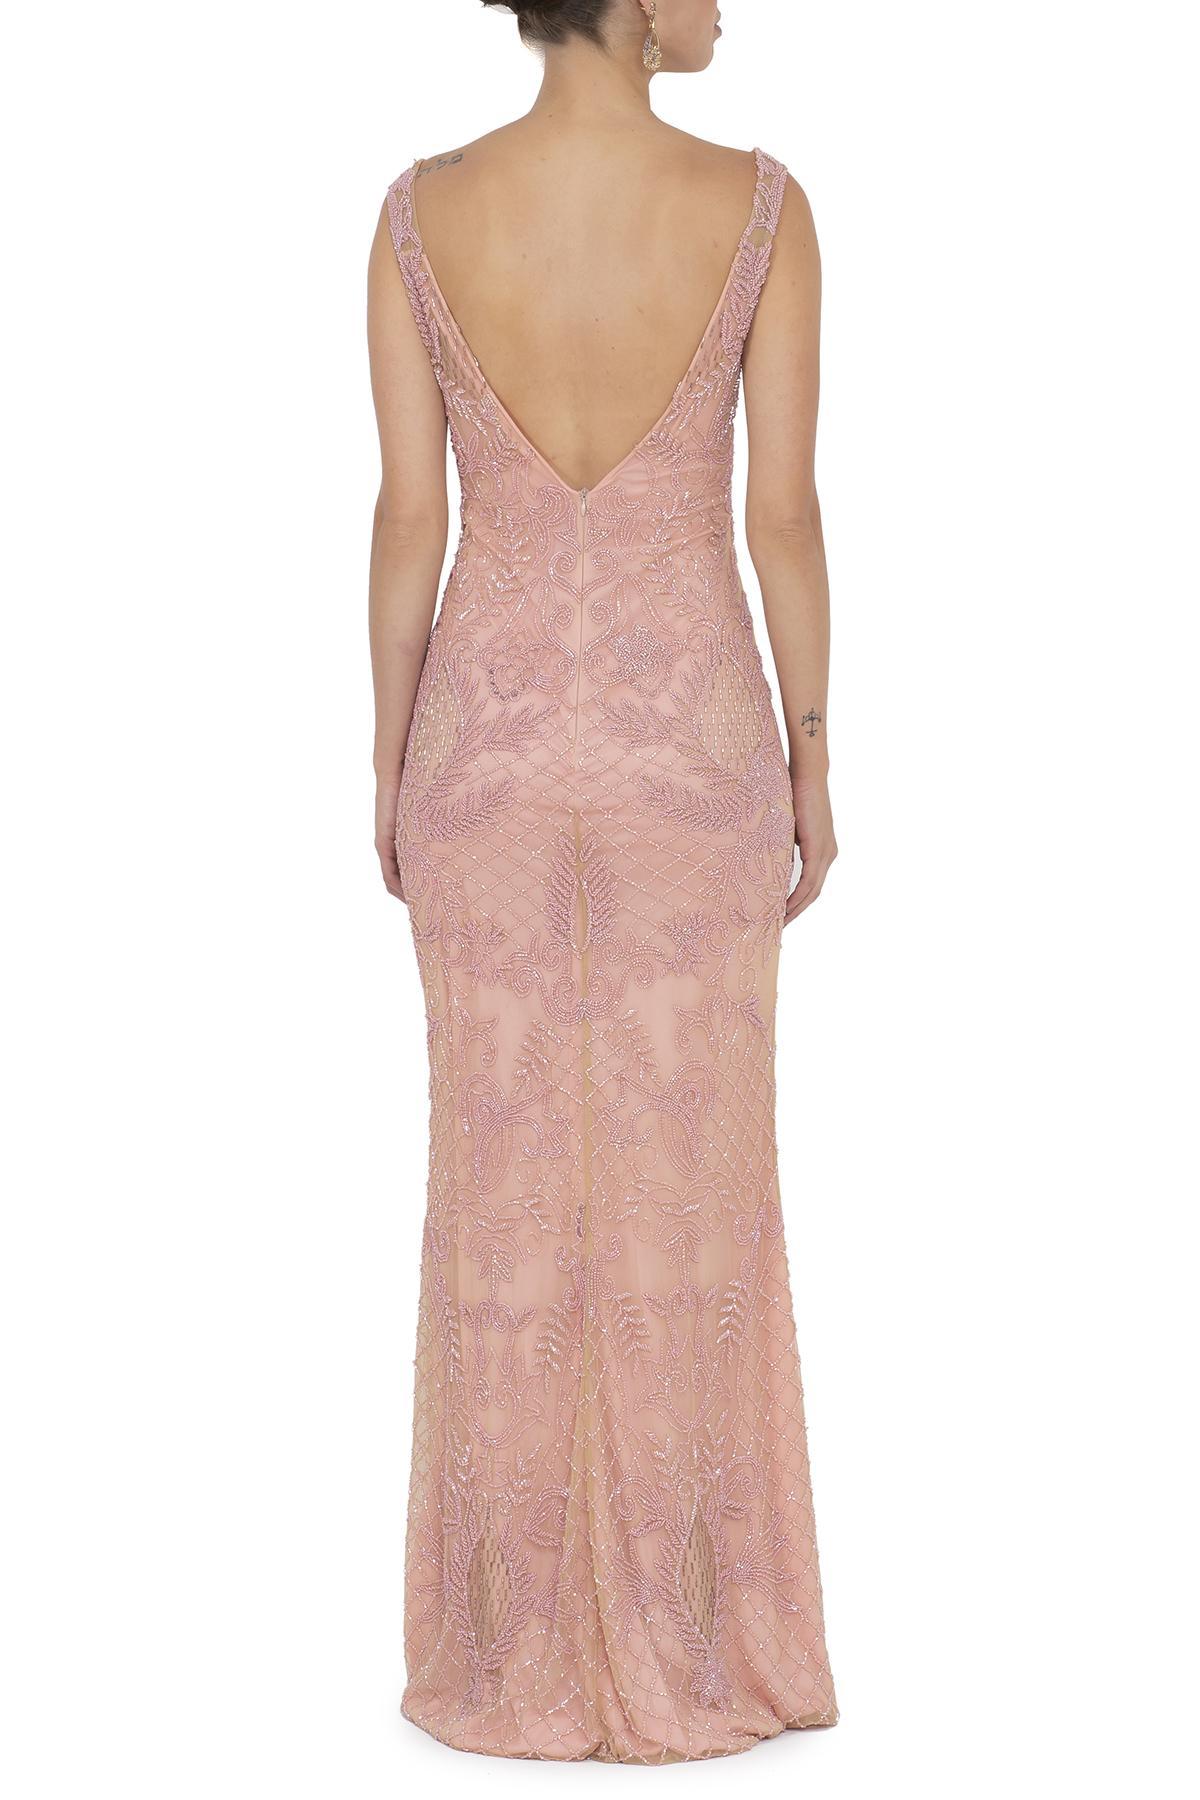 Vestido Leonora Pink Prime Collection